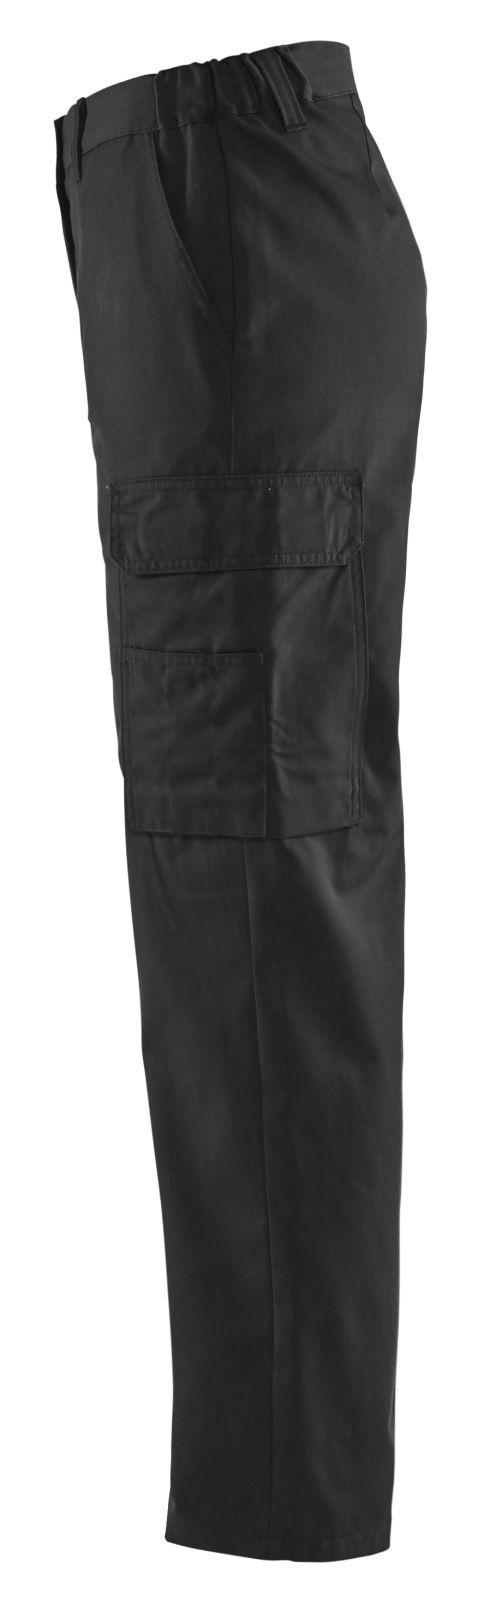 Blaklader Dames werkbroeken 71201800 zwart(9900)